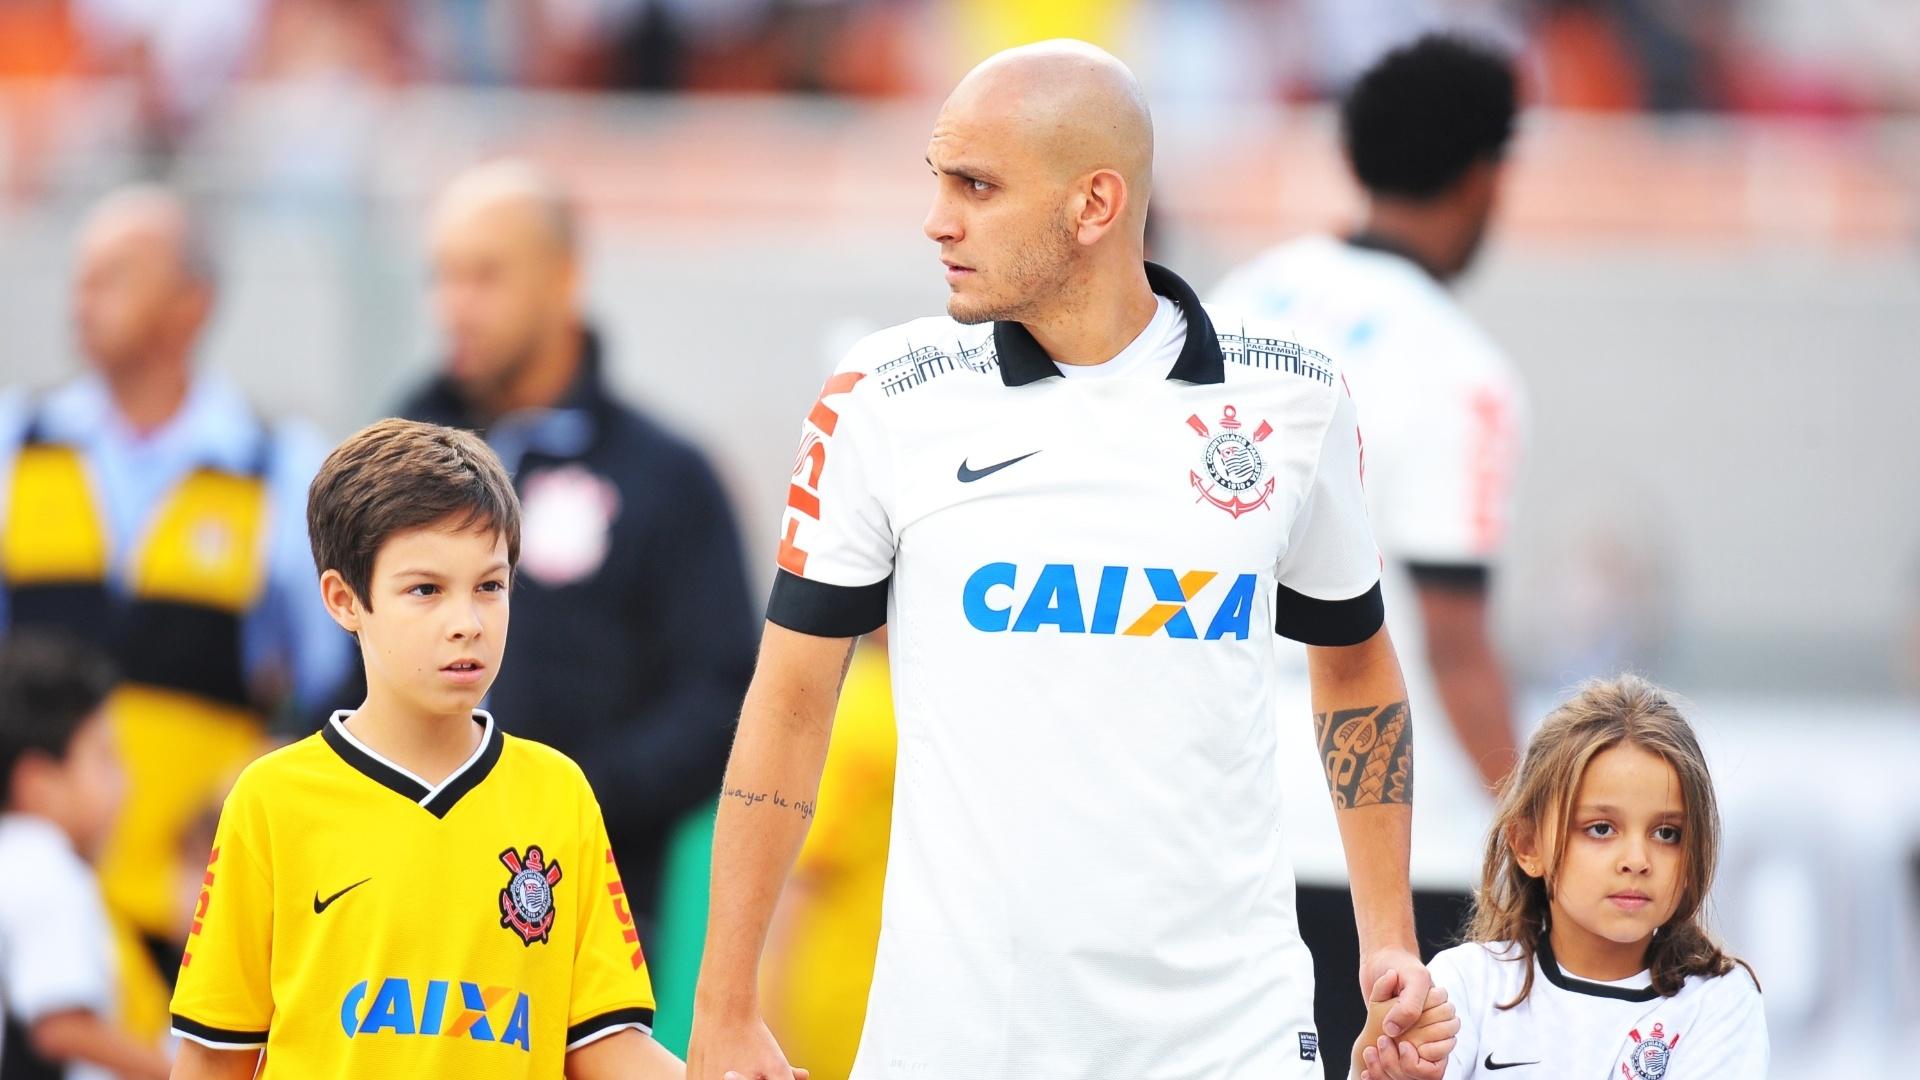 Lateral Fabio Santos entra no gramado do Pacaembu para jogo contra o Flamengo 27.abr.2014